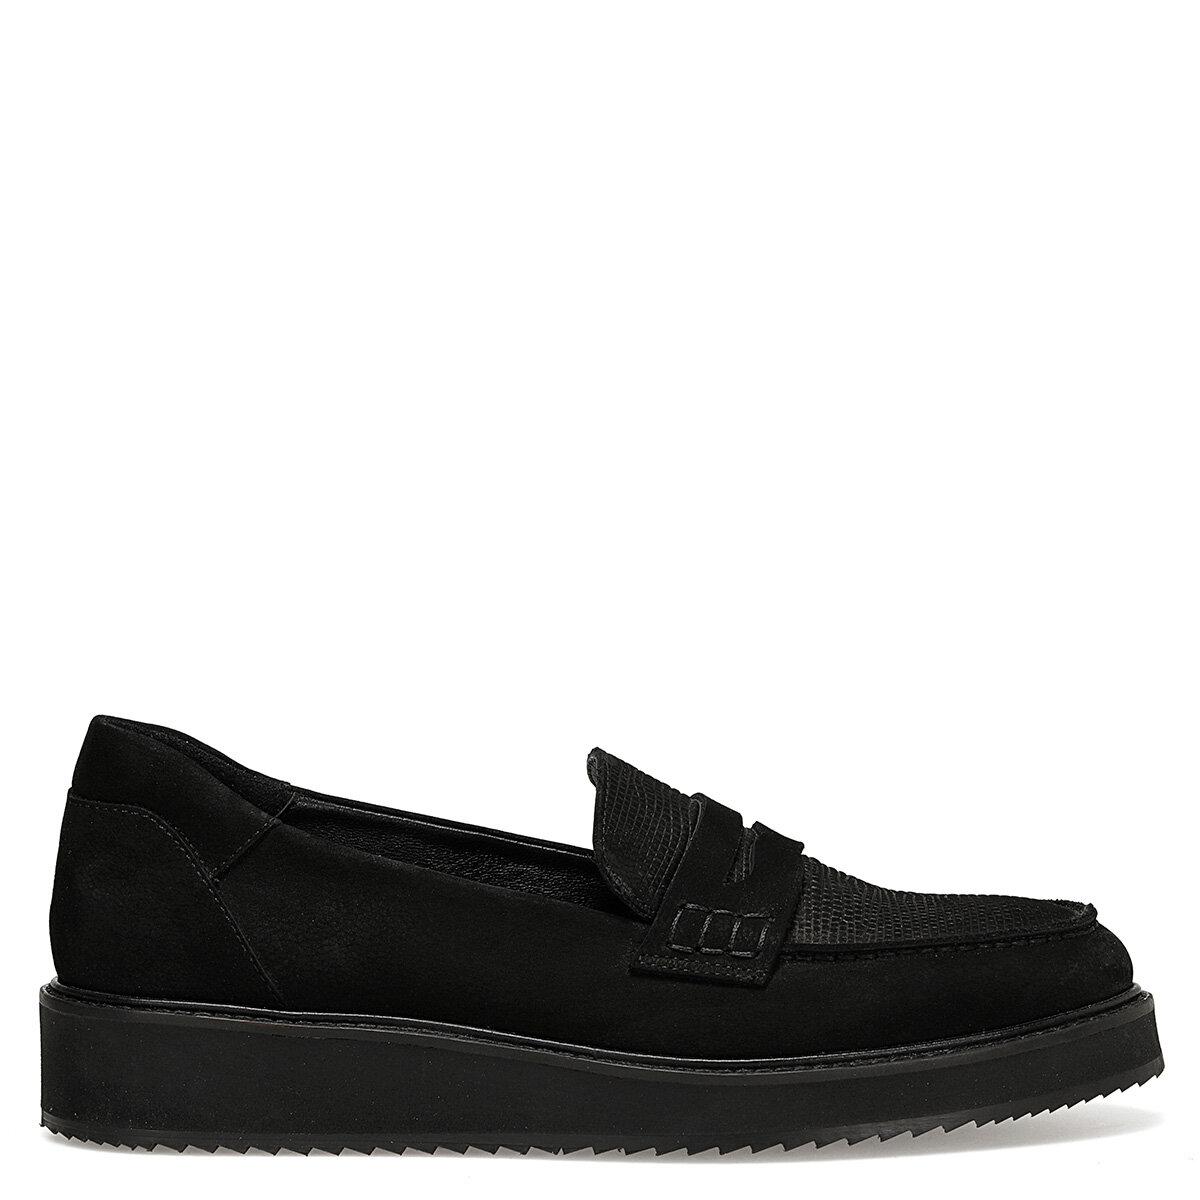 WELA Siyah Kadın Loafer Ayakkabı